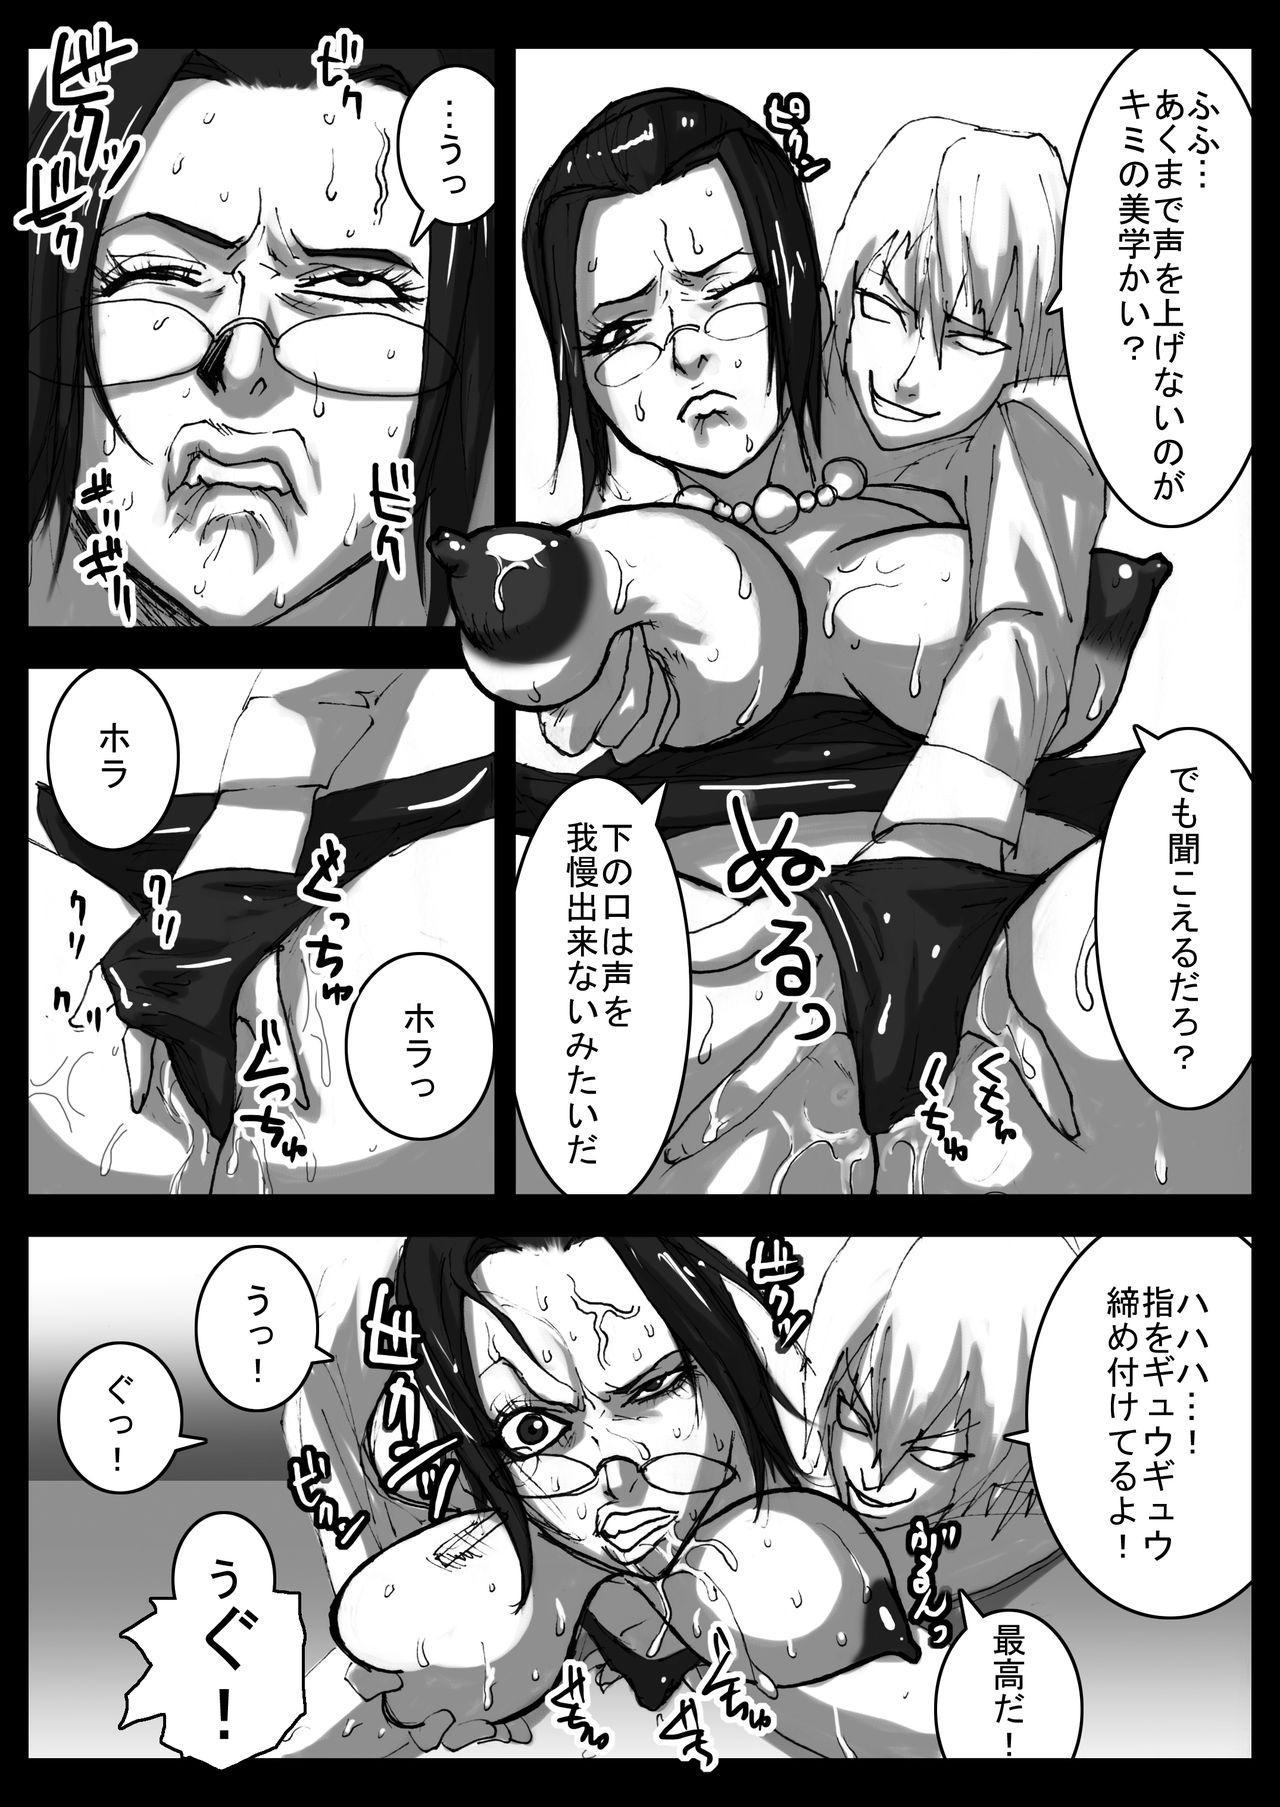 Megane de Bakunyuu no Kanbu o Himitsu Kaigi de Aheahe 7